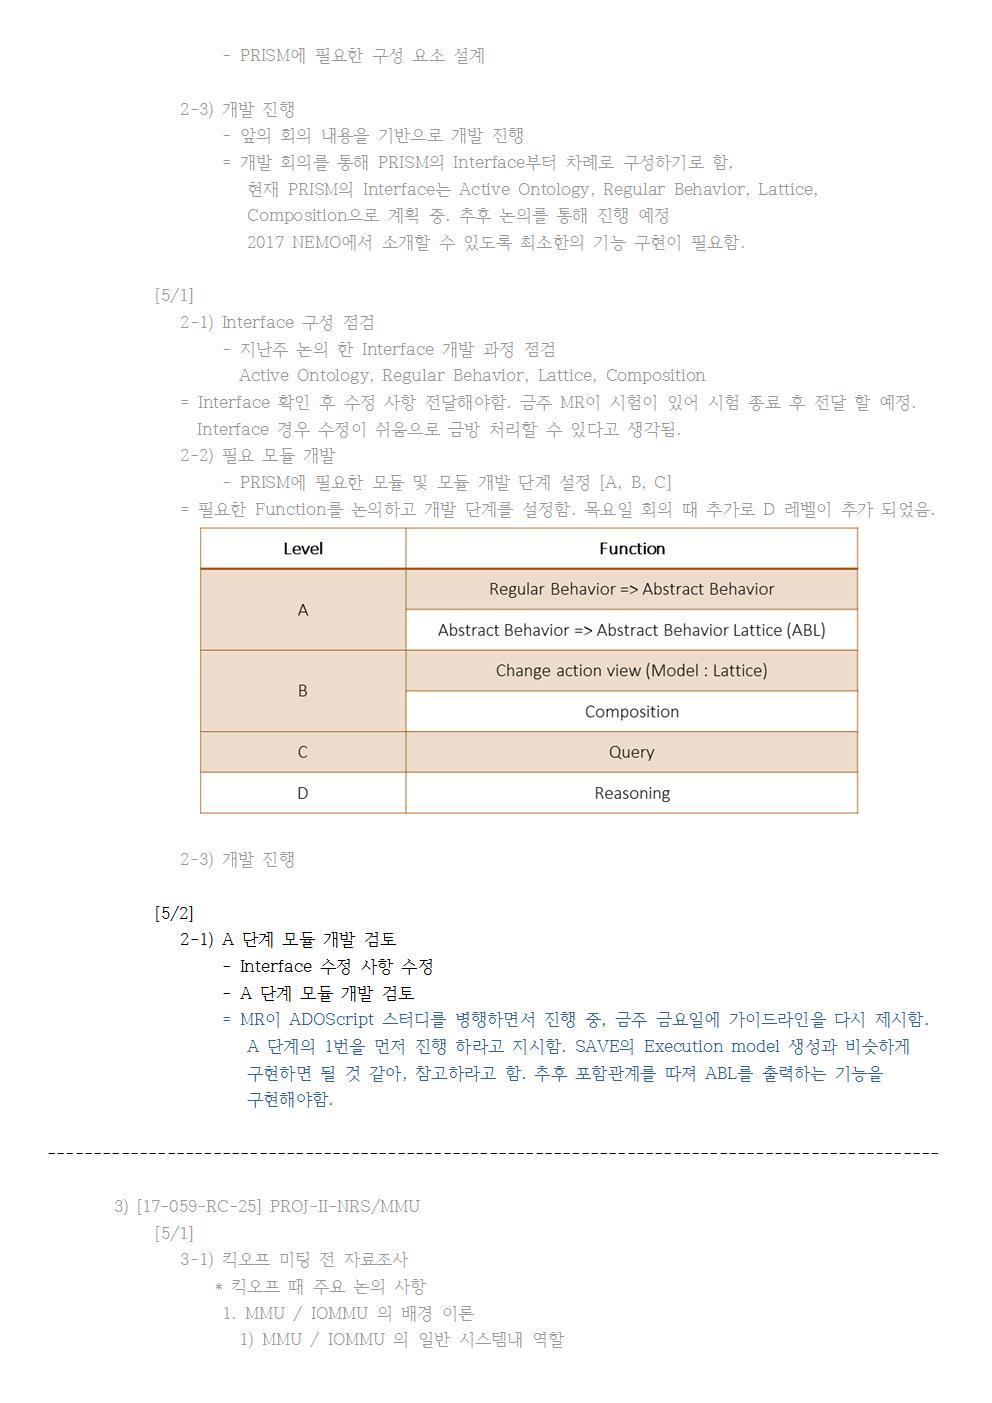 6-토-2017-05-13-CHACK(JS)002.jpg